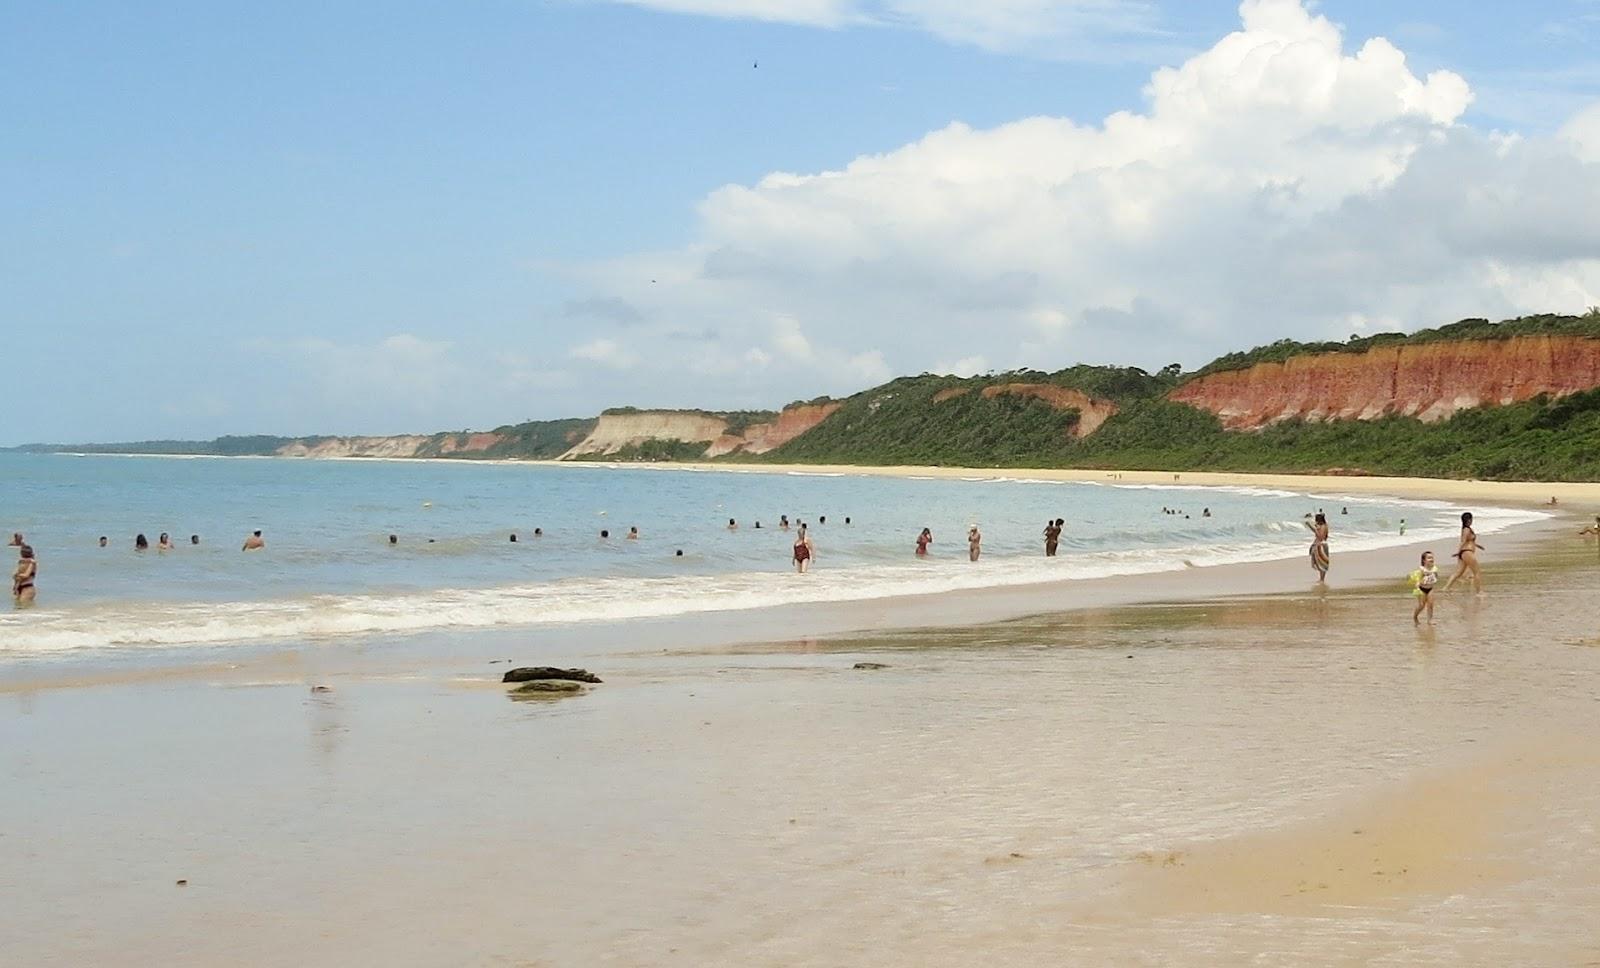 Praia de Pitanga roteiro para praia do espelho